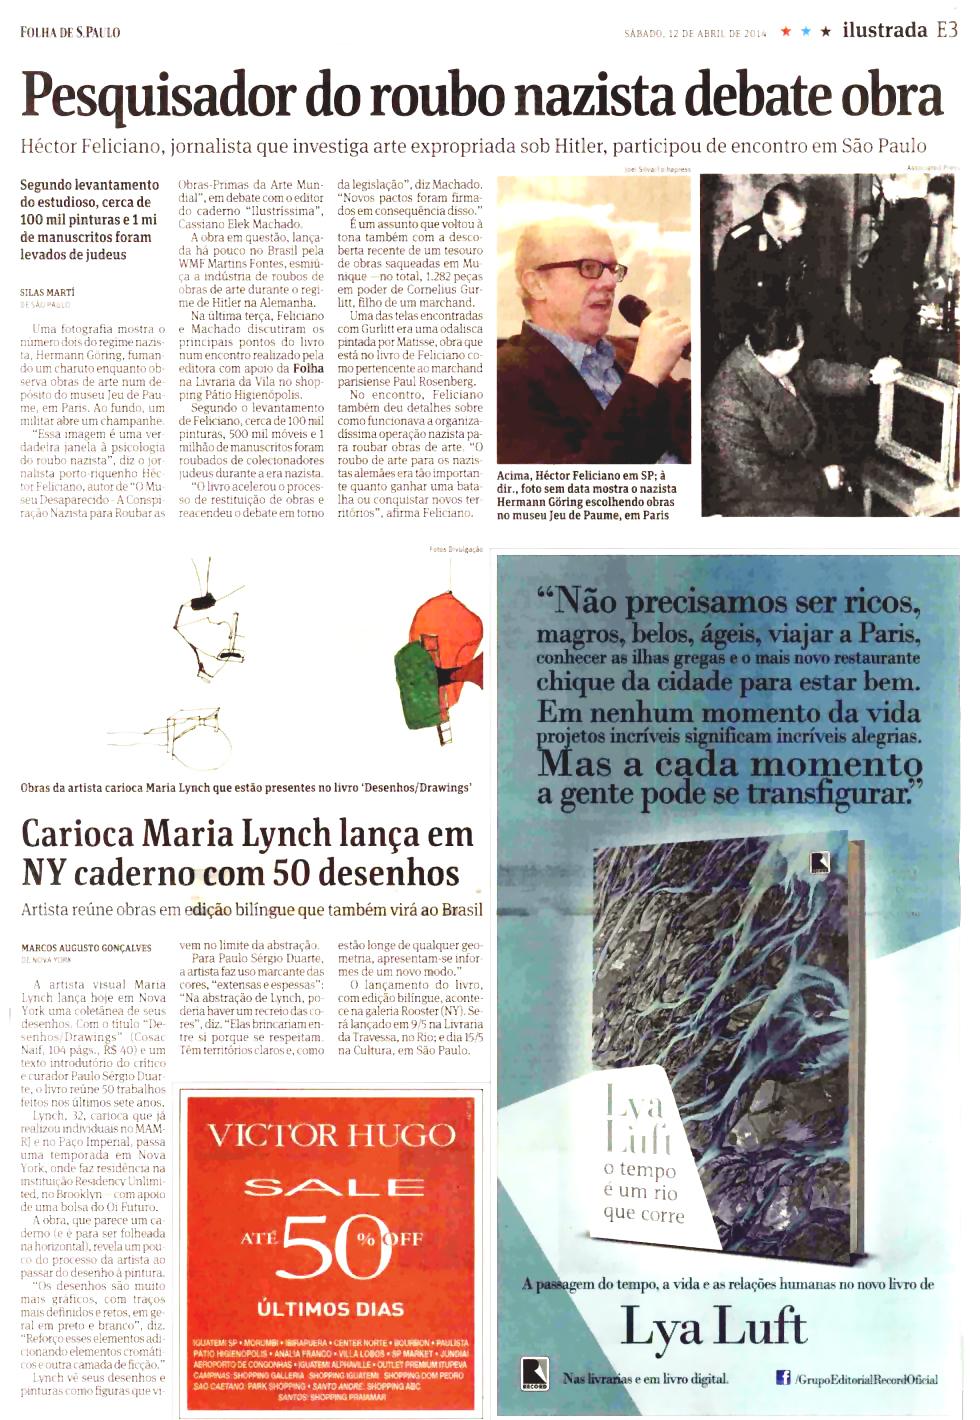 Folha de S. Paulo, Ilustrada - 12_04_2014.jpg